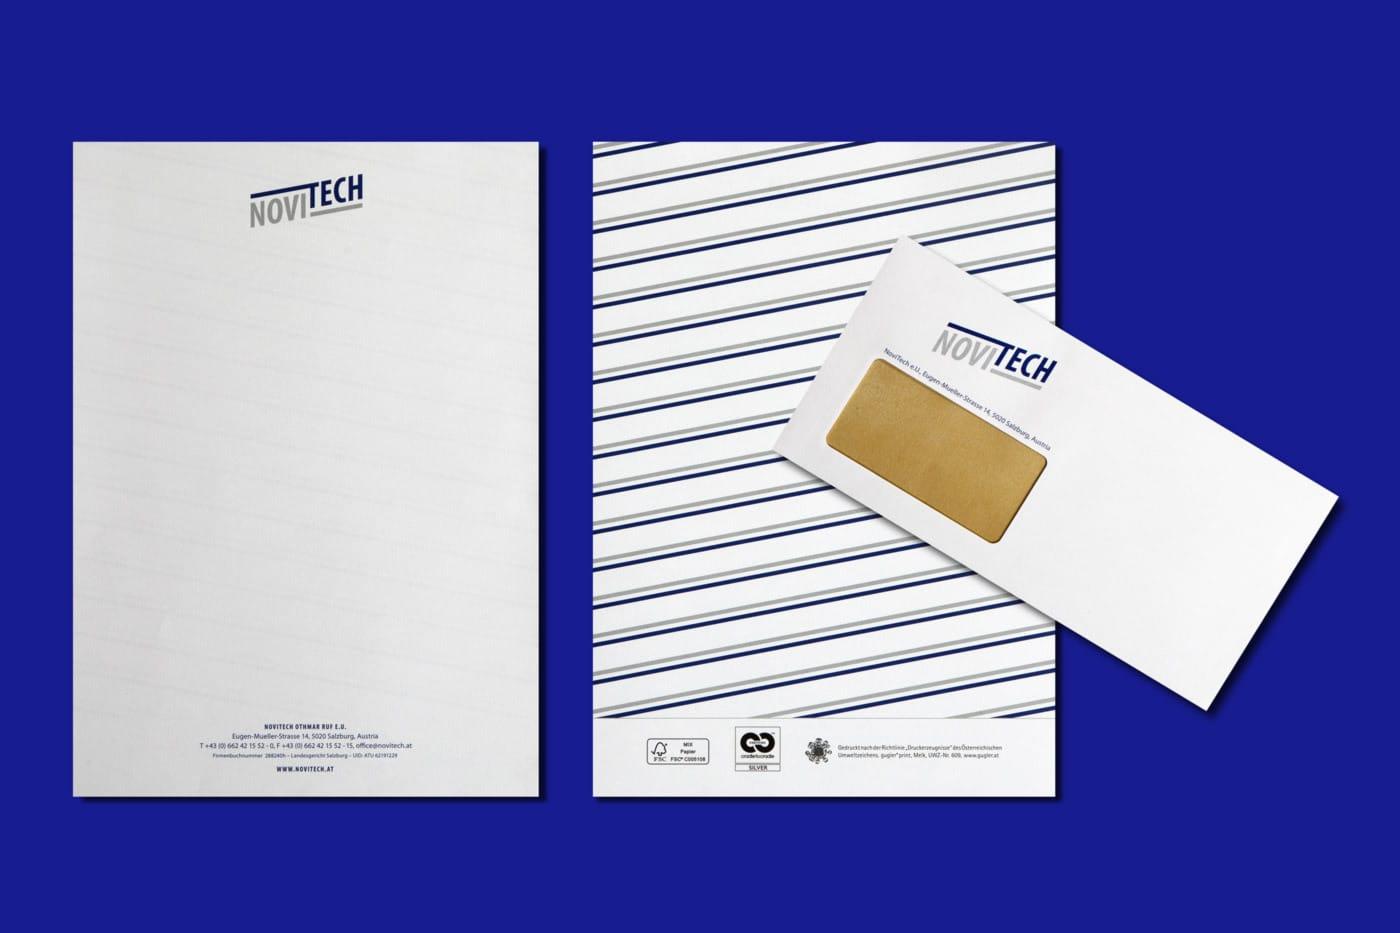 nachhaltiges web design salzburg Novitech briefpapier